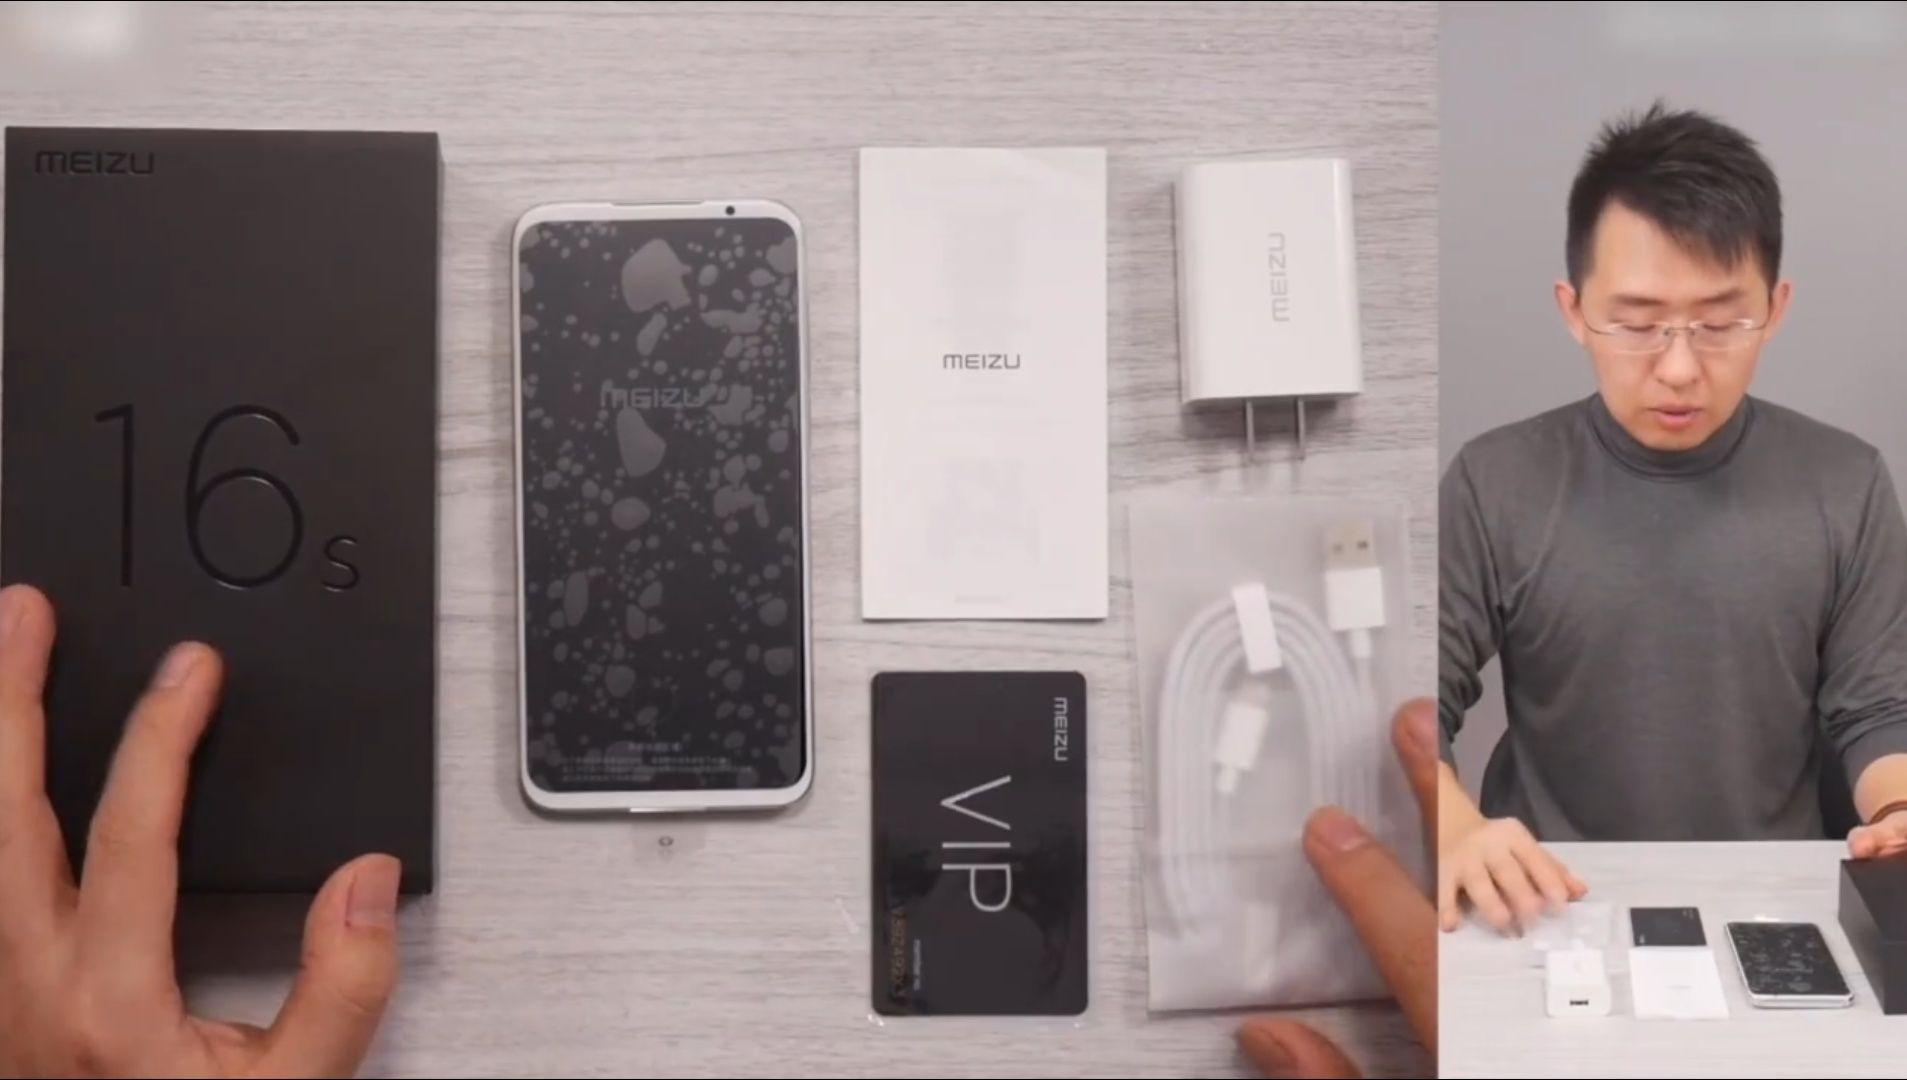 Meizu 16sにはUSB Type-C to 3.5mmイヤホンジャックアダプターは付属せず、有線での視聴を行う場合別途購入が必要